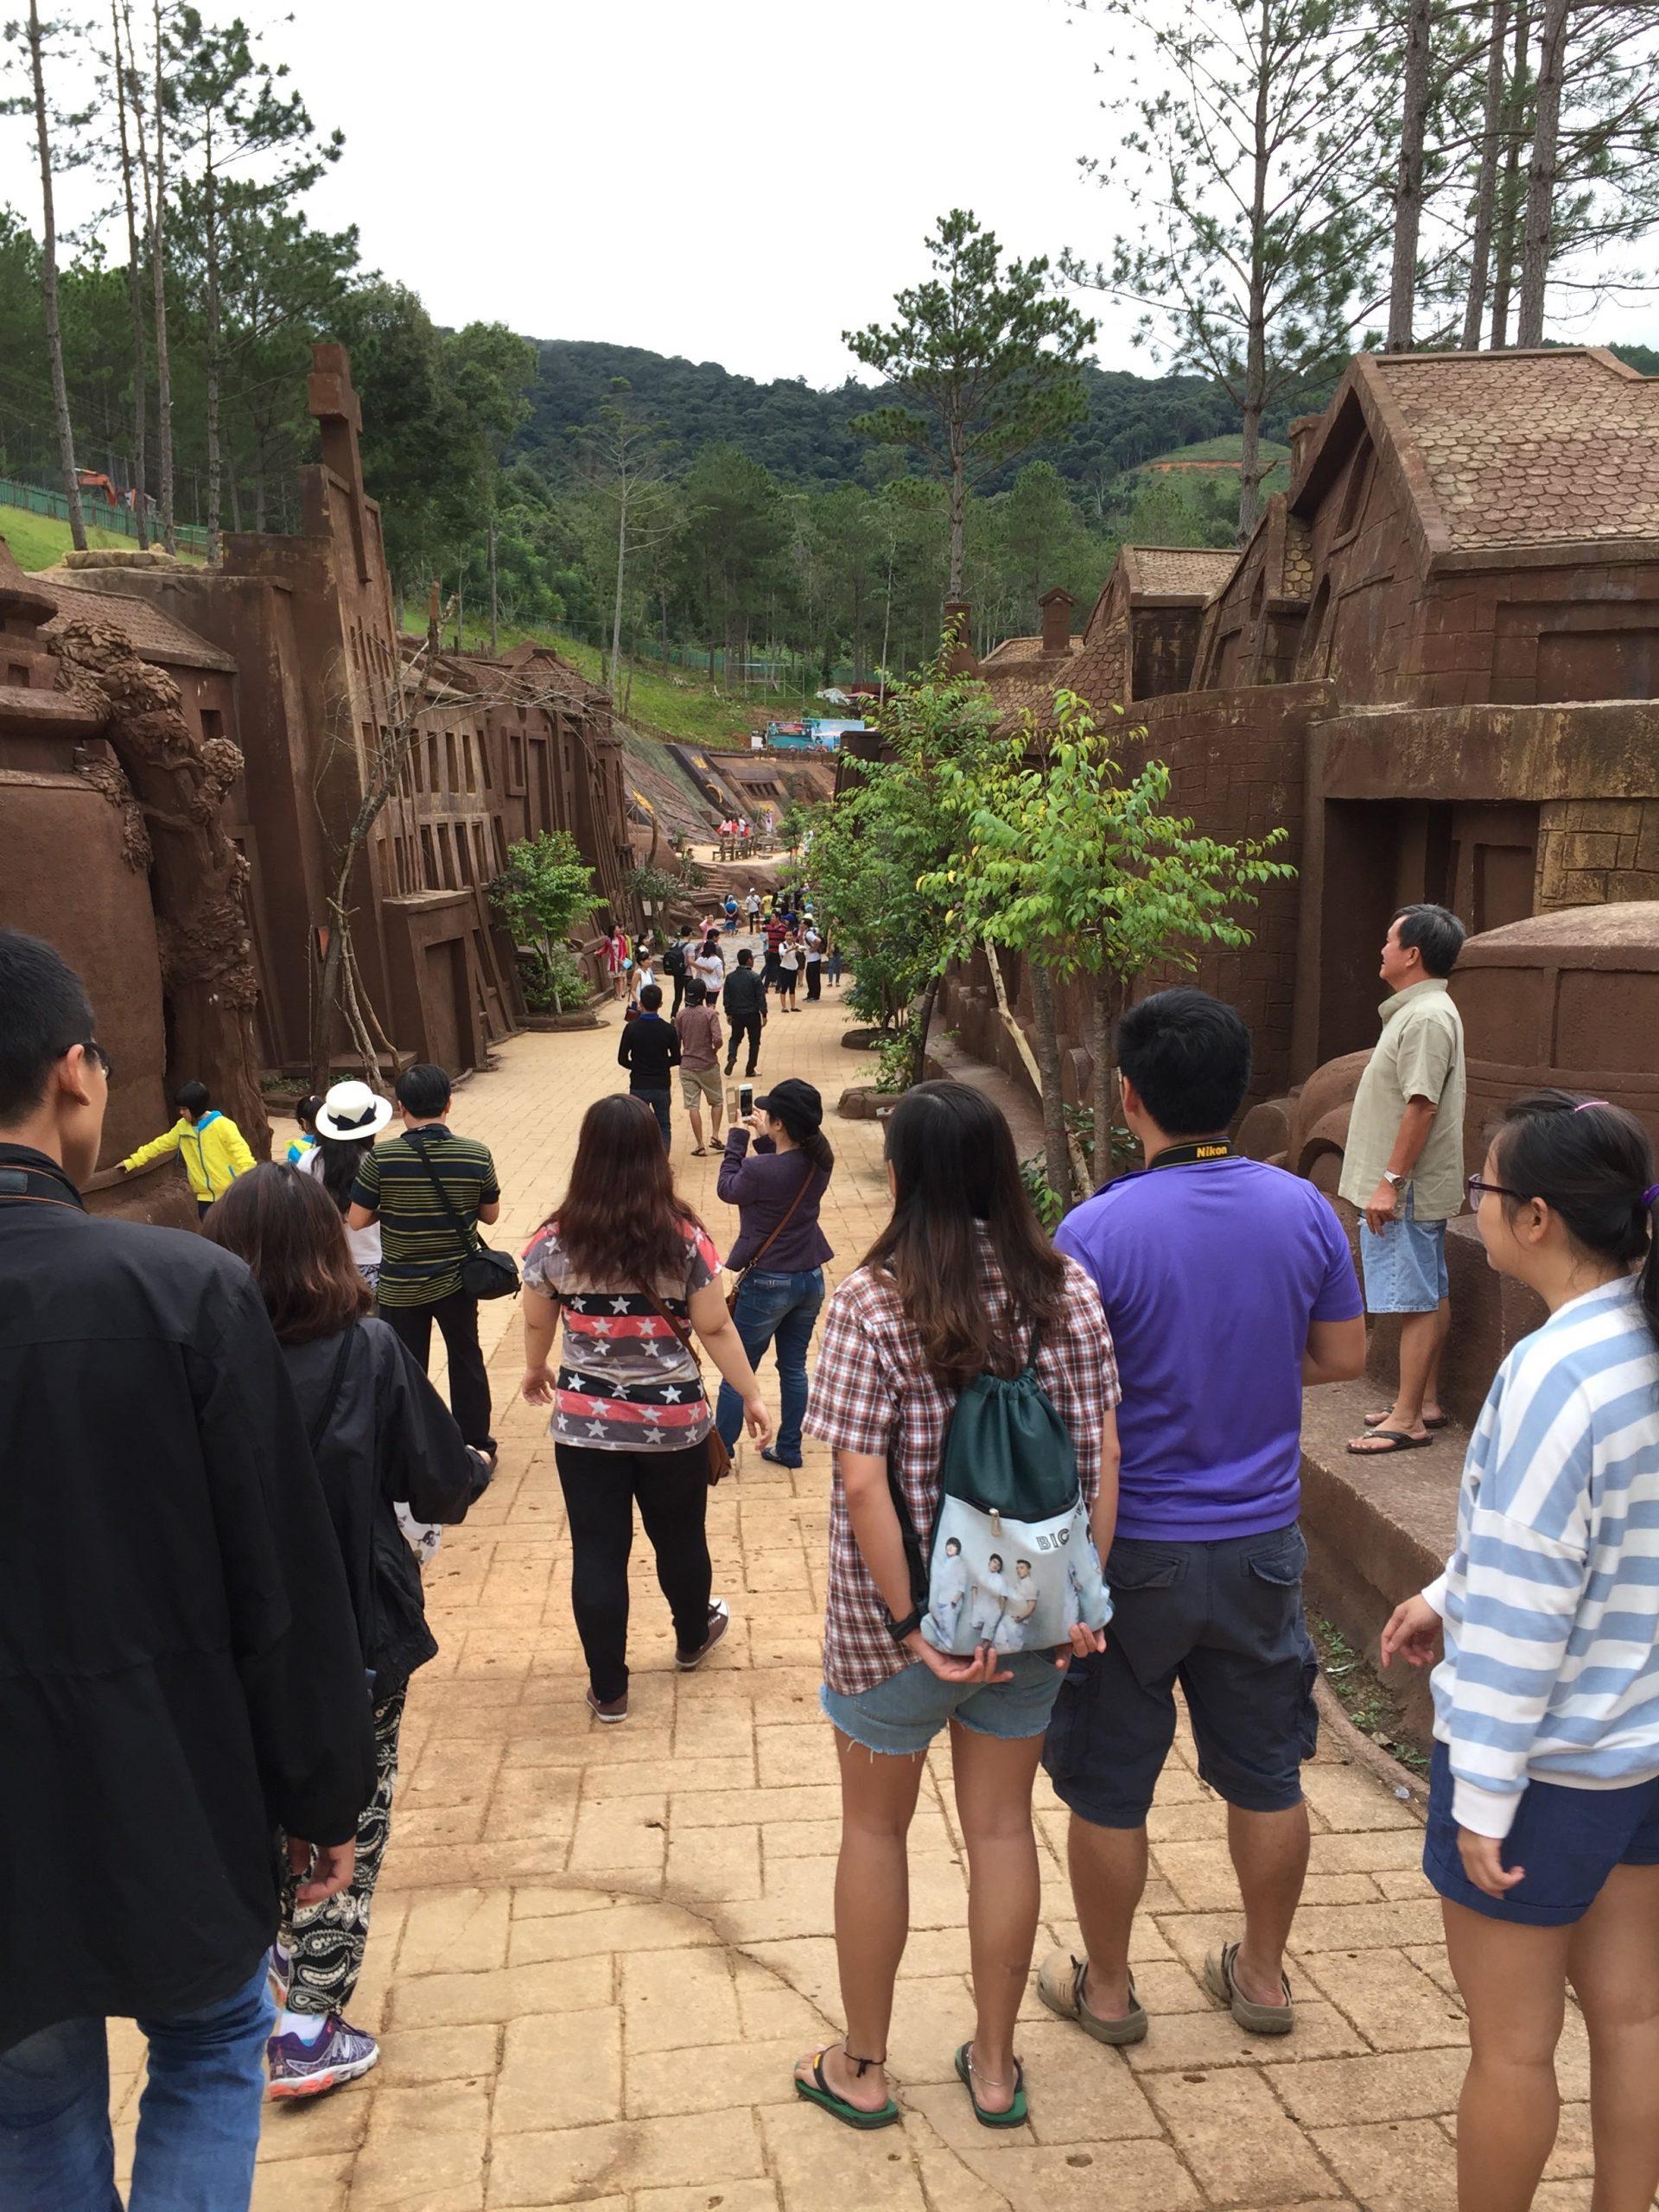 clay-tunnel-hamdatset-thebroadlife-travel-dalat-vietnam-2015